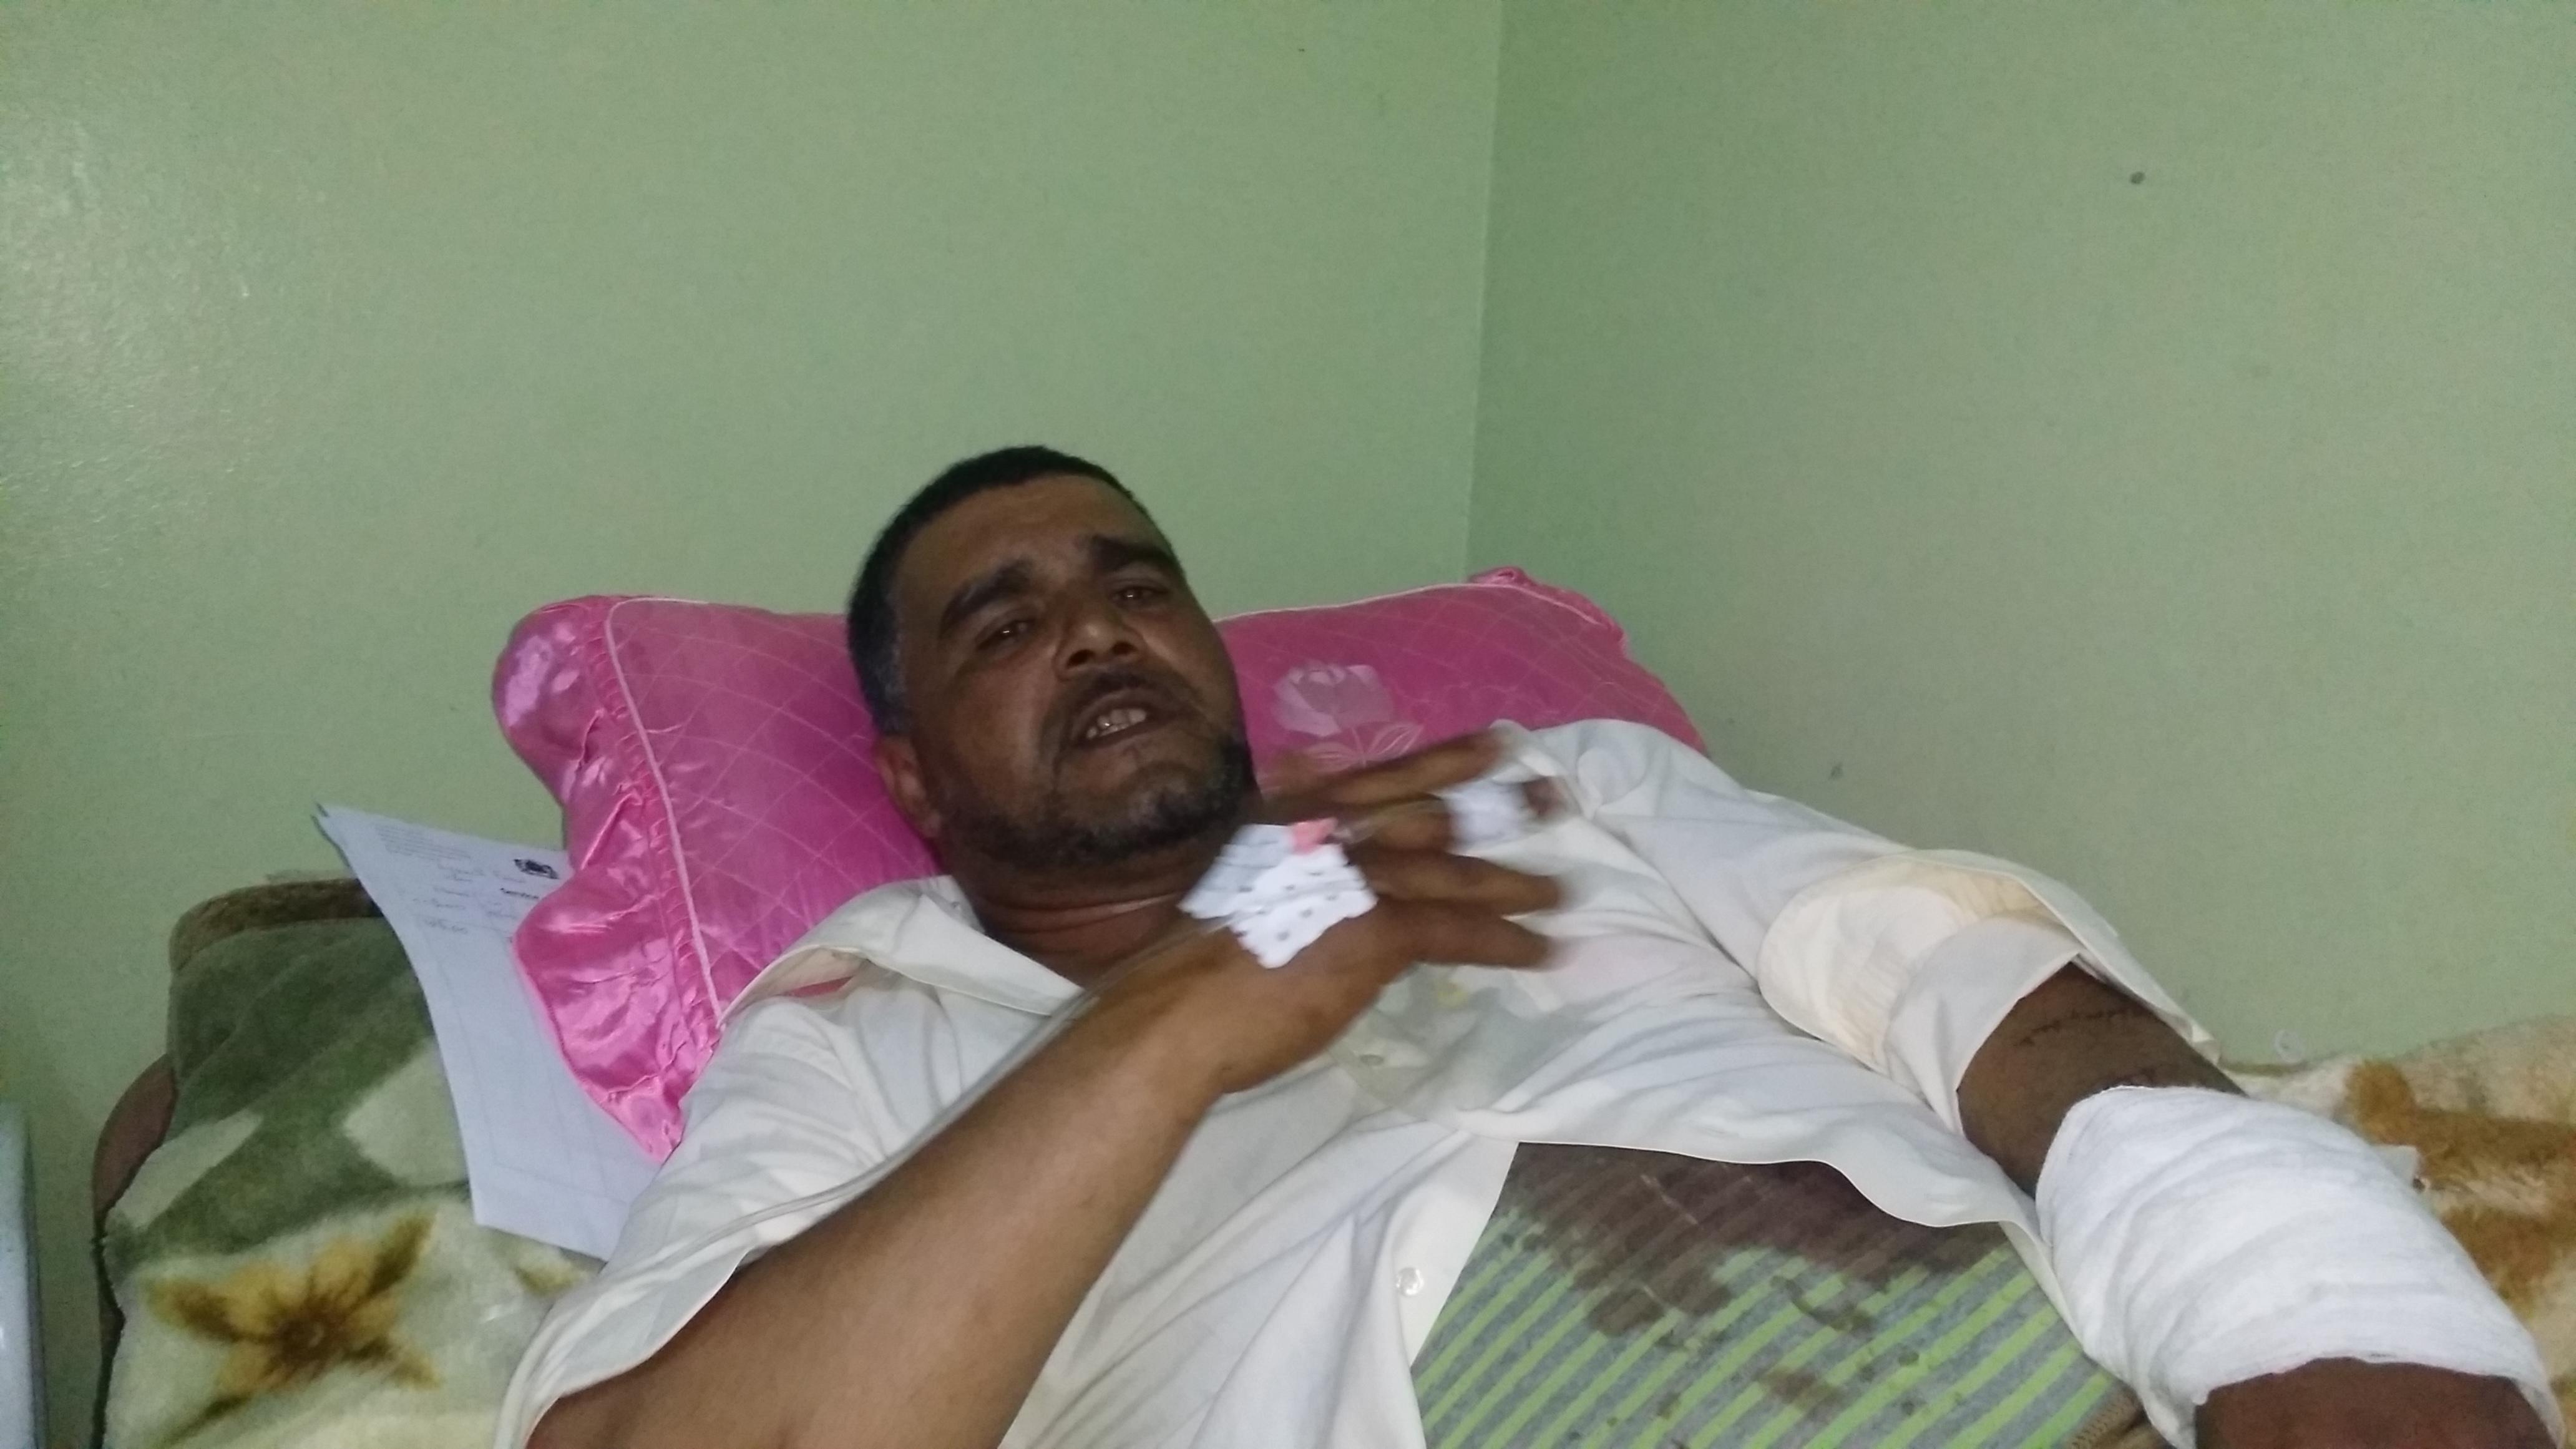 خطير: مواطن يقطع شرايين دمه بسب حرمانه من بطاقة الانعاش بكلميم